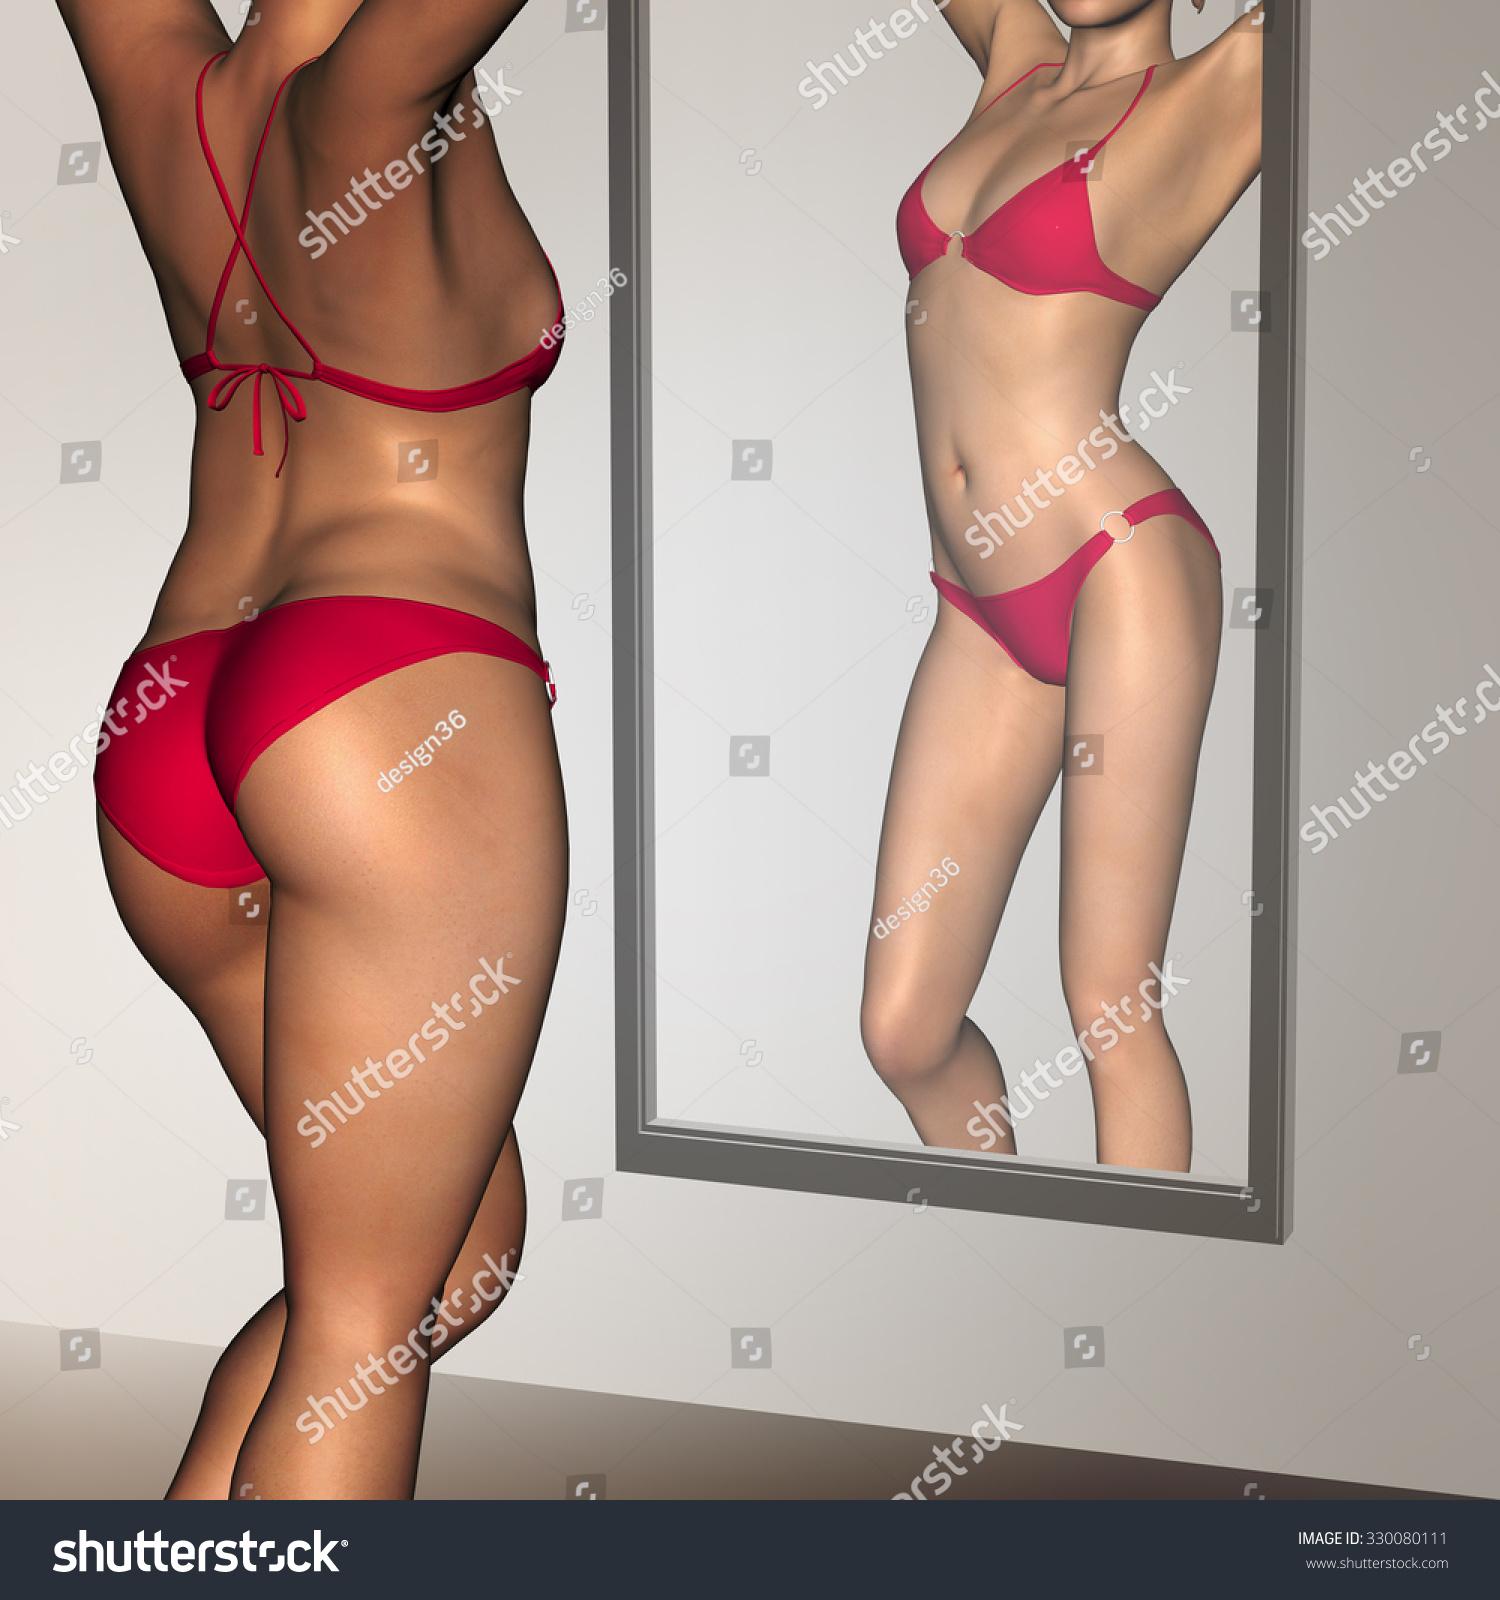 Skinny female body